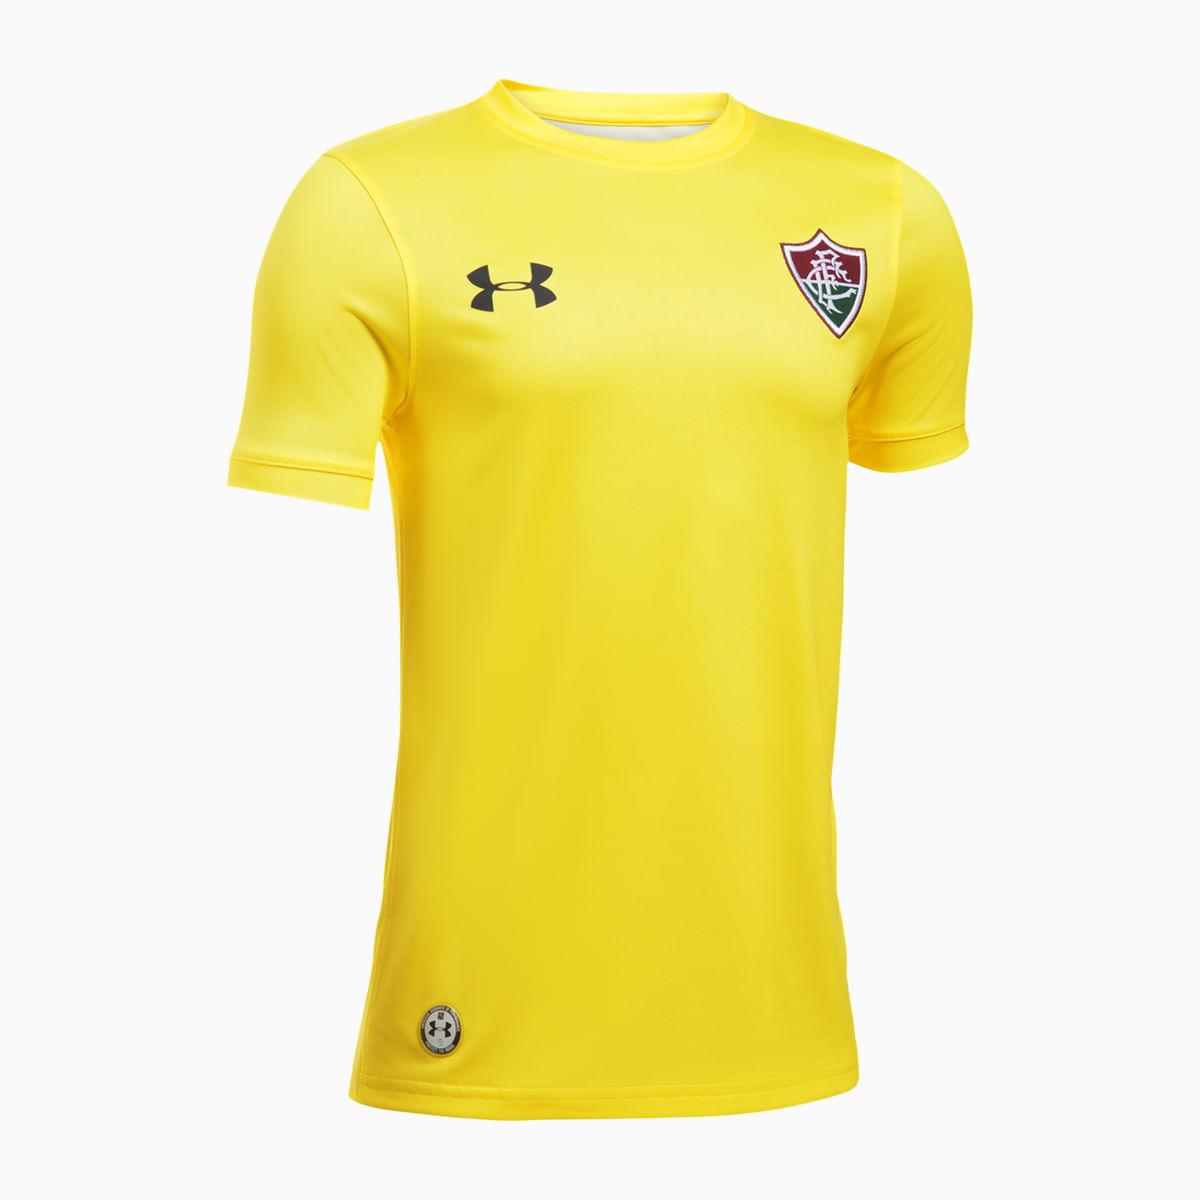 1609e3f89f6e6 Camisa Fluminense Goleiro Amarela 17 18 s nº Under Armour Infantil ...